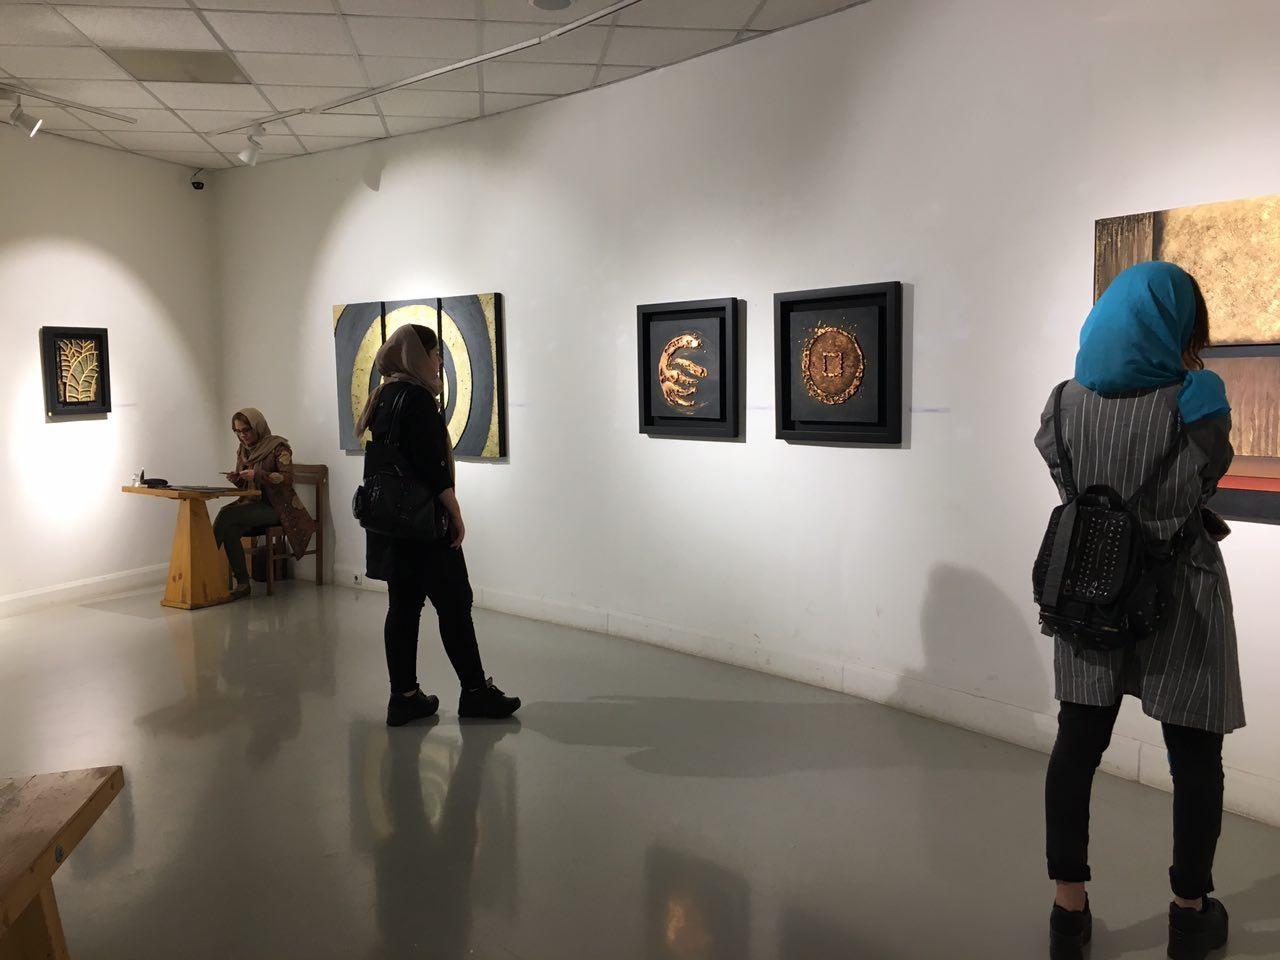 وقتی فوم دستمایه زن هنرمند برای نمایش چهار عنصر اصلی حیات شد